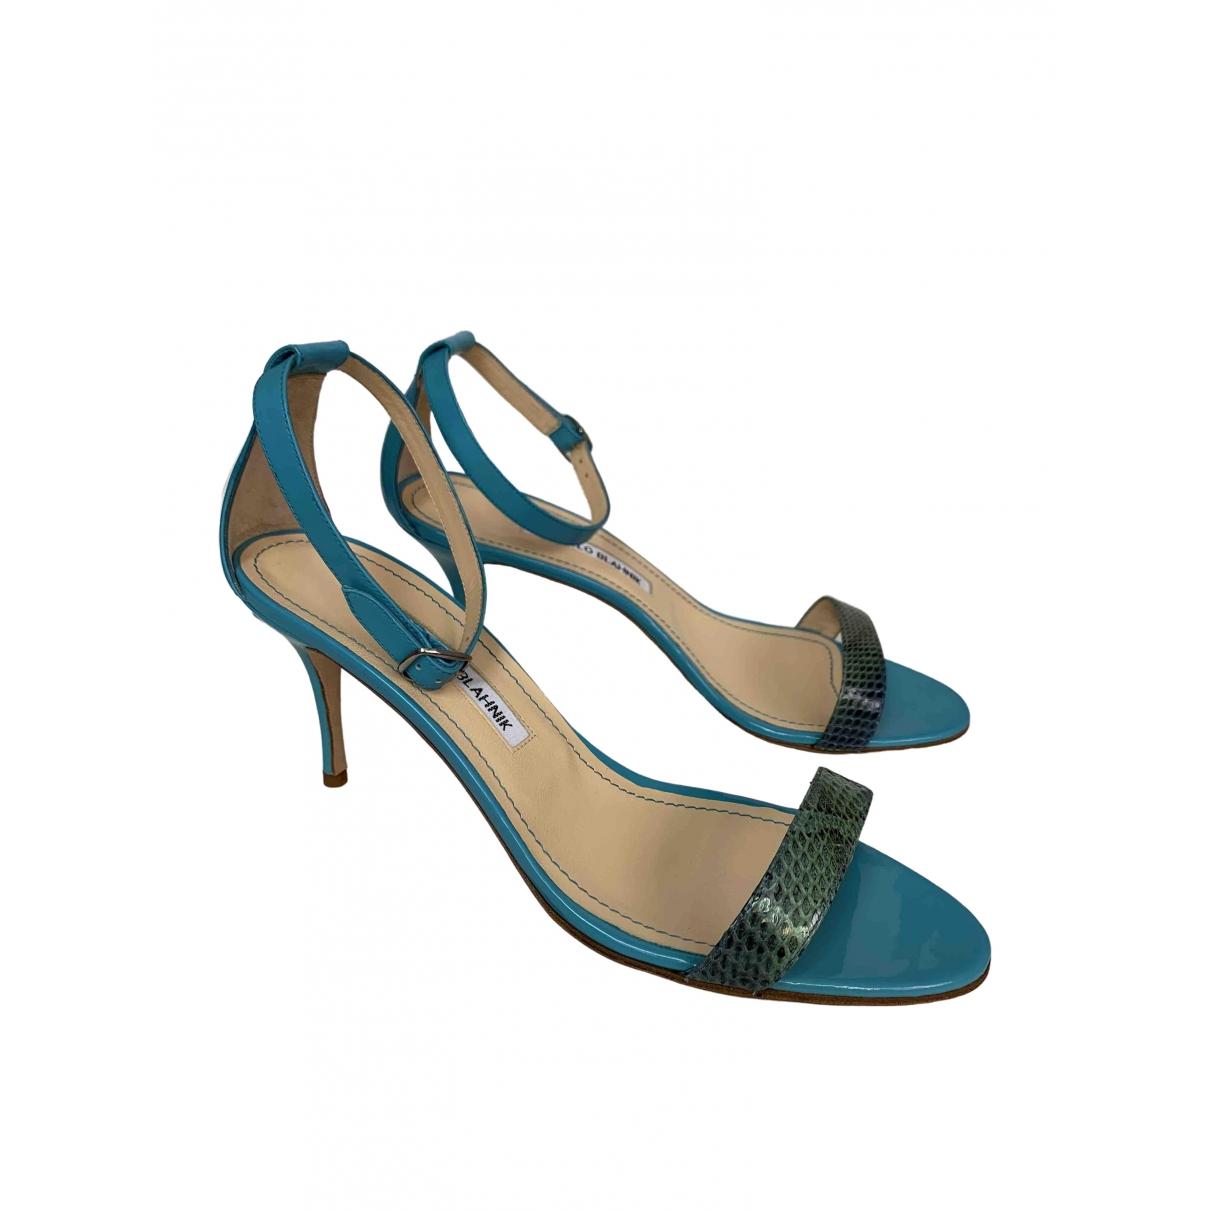 Manolo Blahnik - Sandales   pour femme en cuir - turquoise